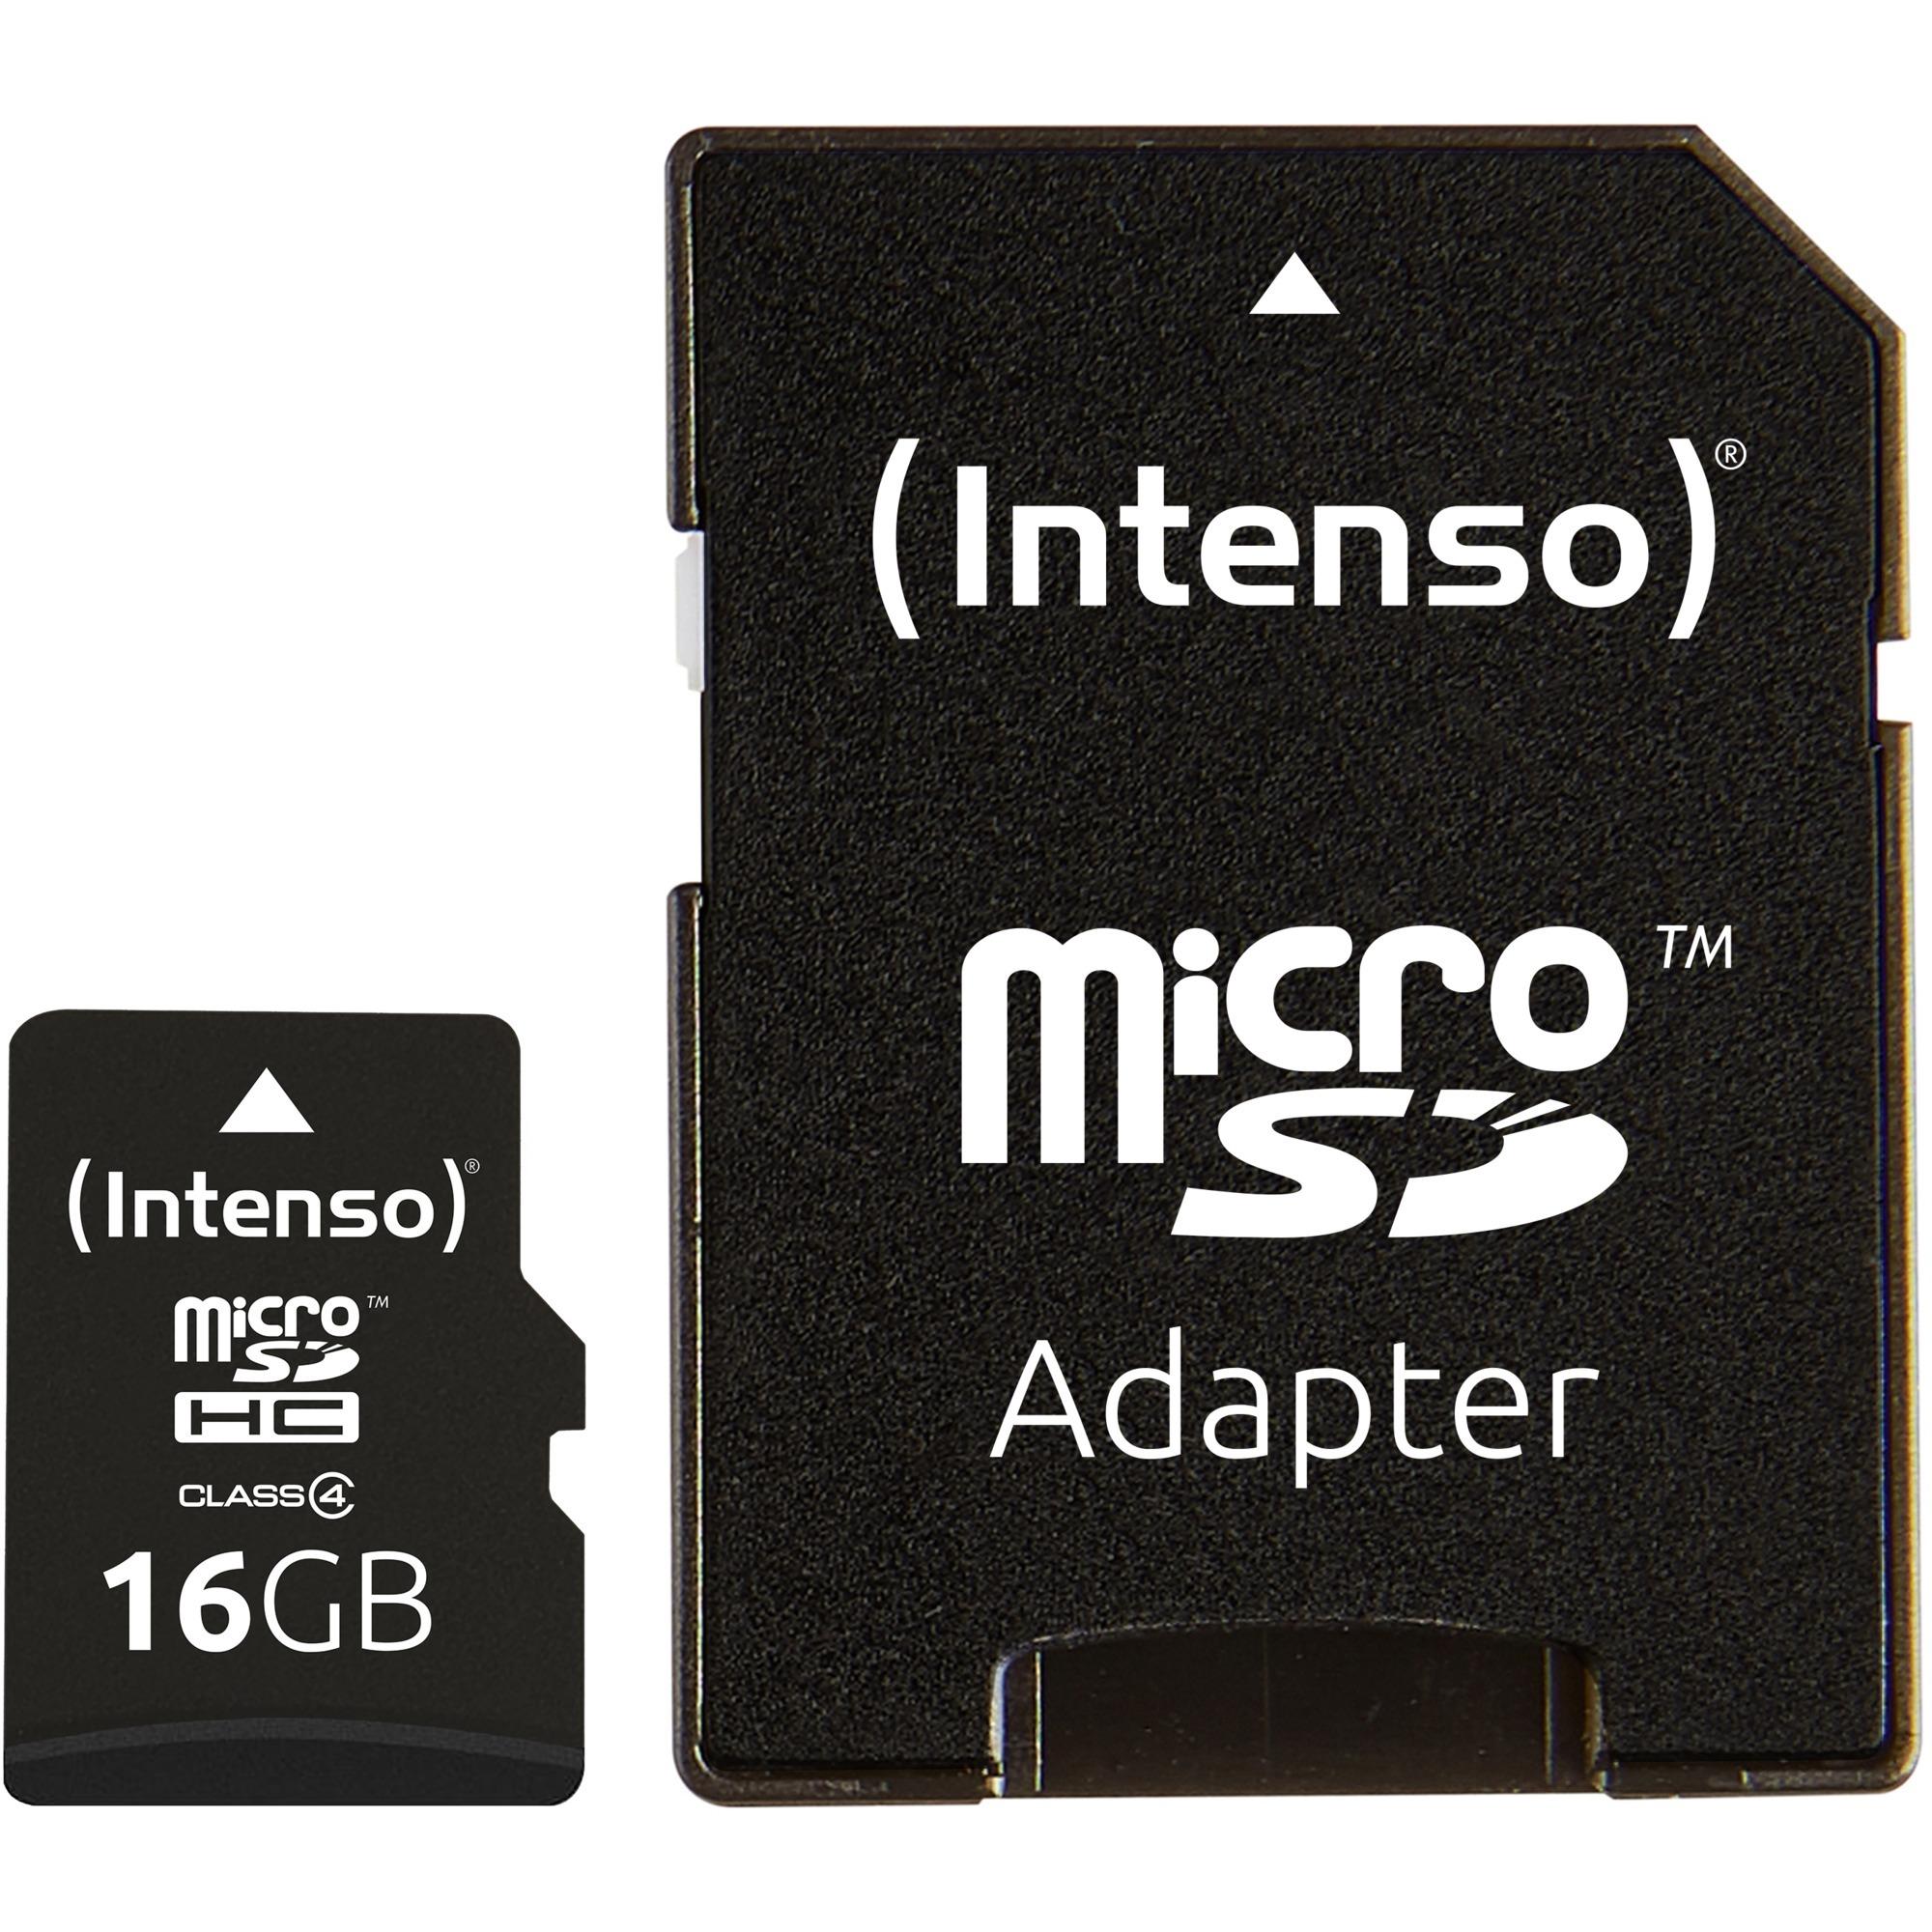 16GB Micro SDHC Class 4 16GB MicroSDHC Clase 4 memoria flash, Tarjeta de memoria